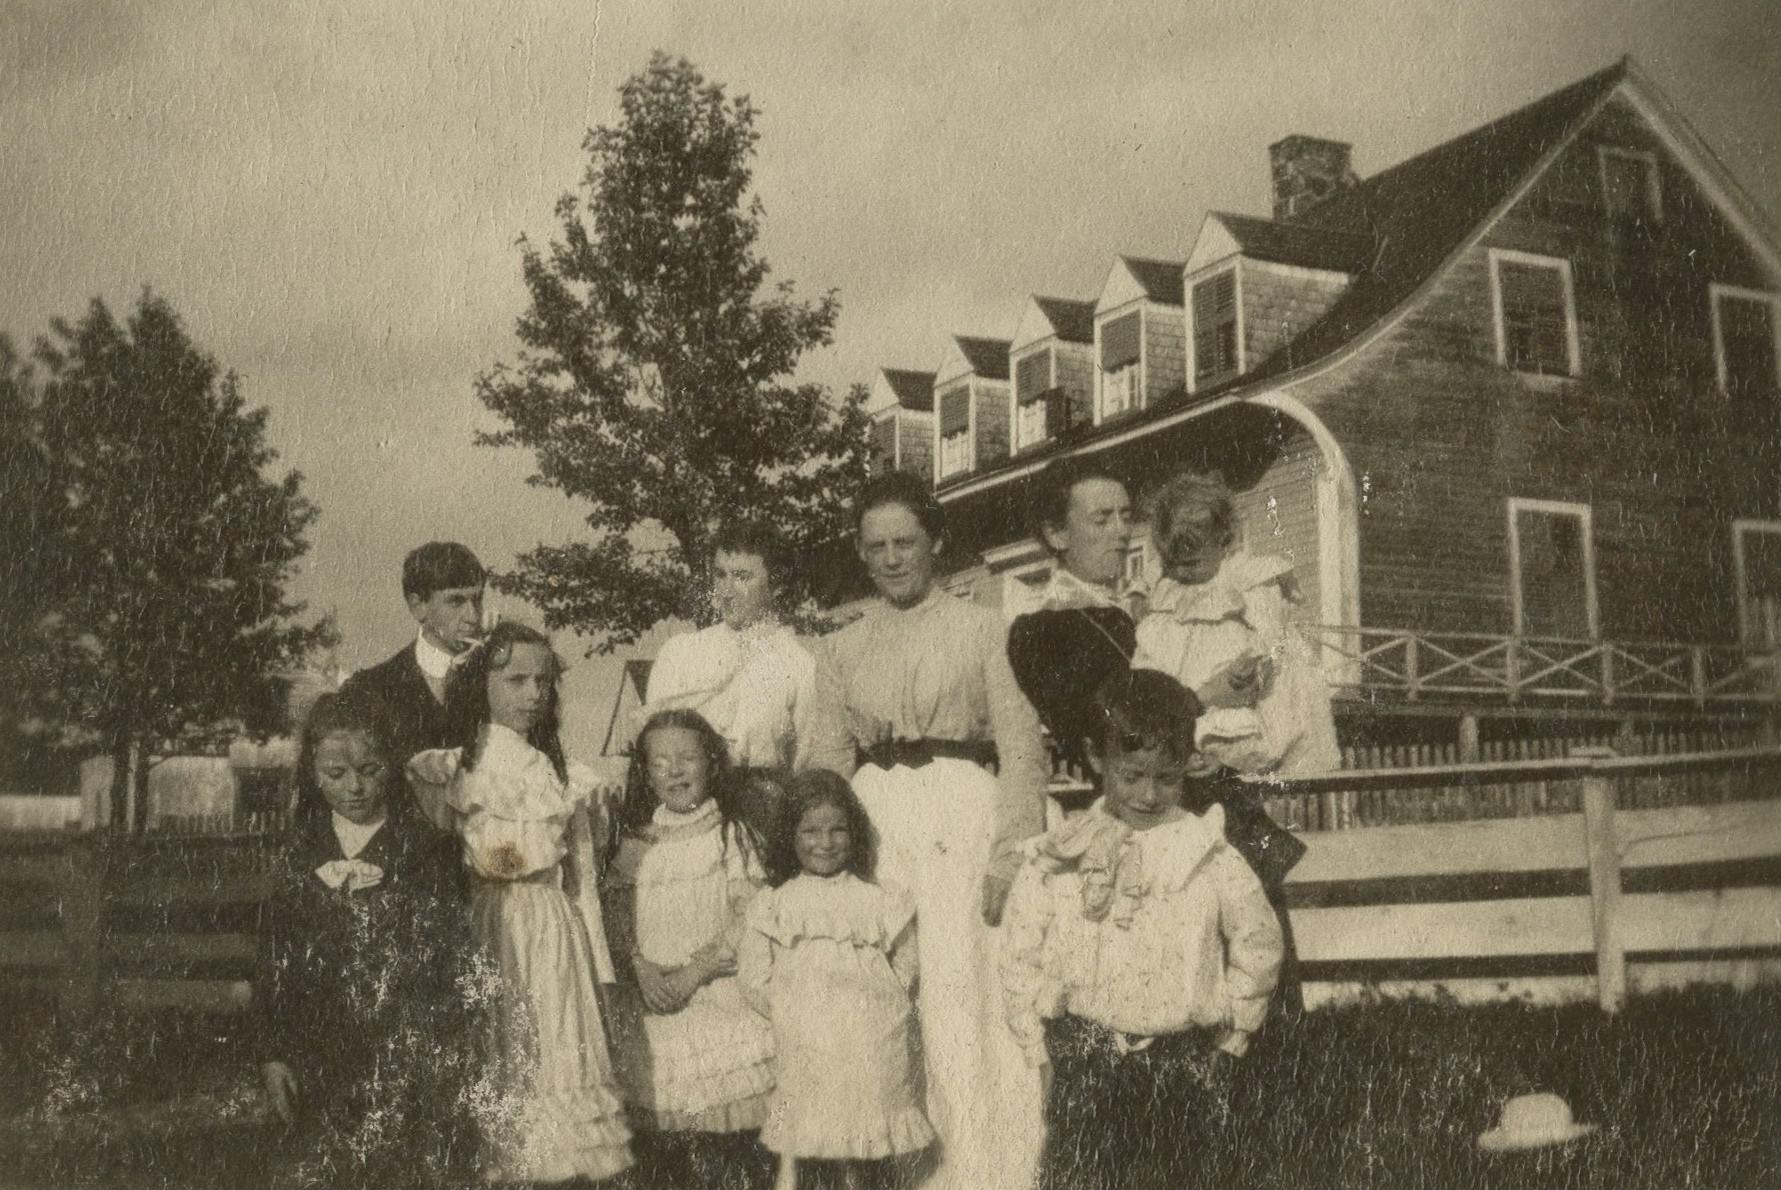 Trois femmes et plusieurs enfants posent devant une grande maison ancienne recouverte de bardeaux de cèdre.